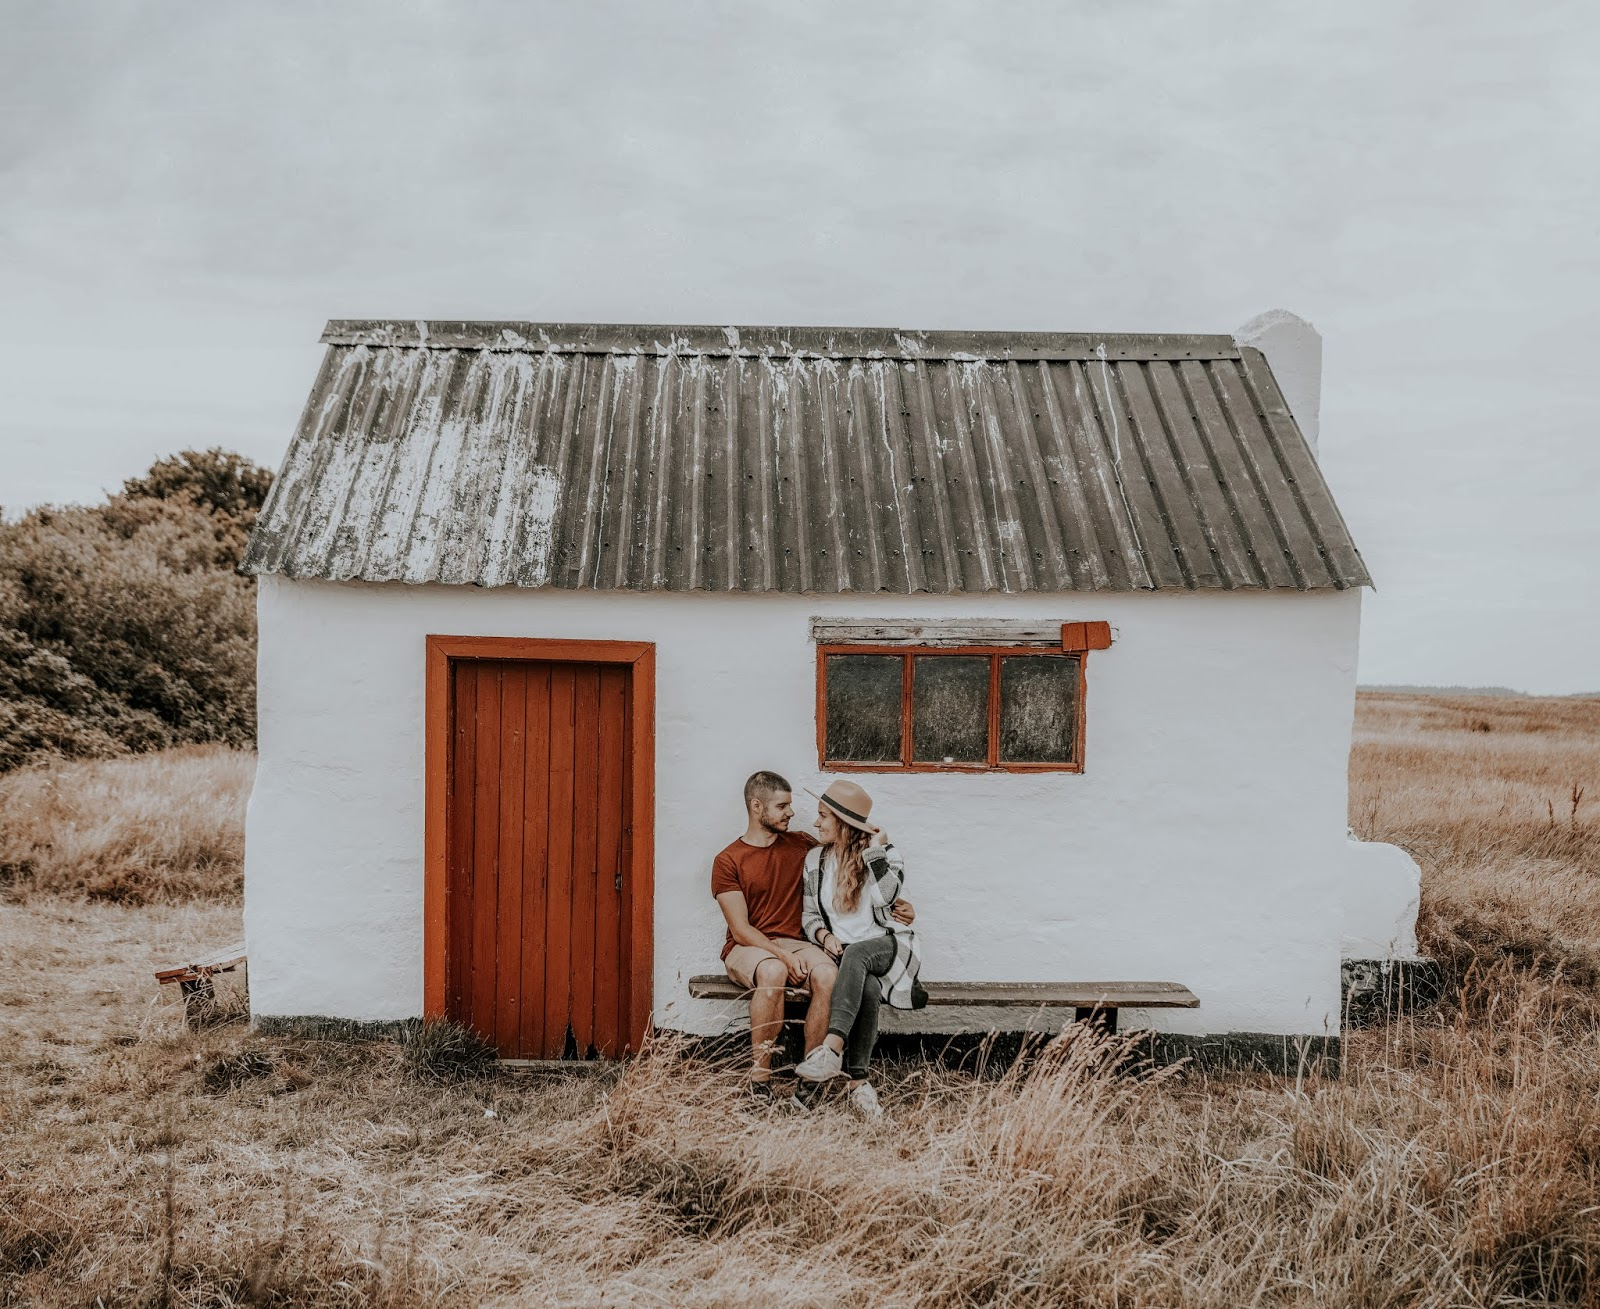 Biała chata w stylu skandynawskim. Para siedząca przed domem na ławce